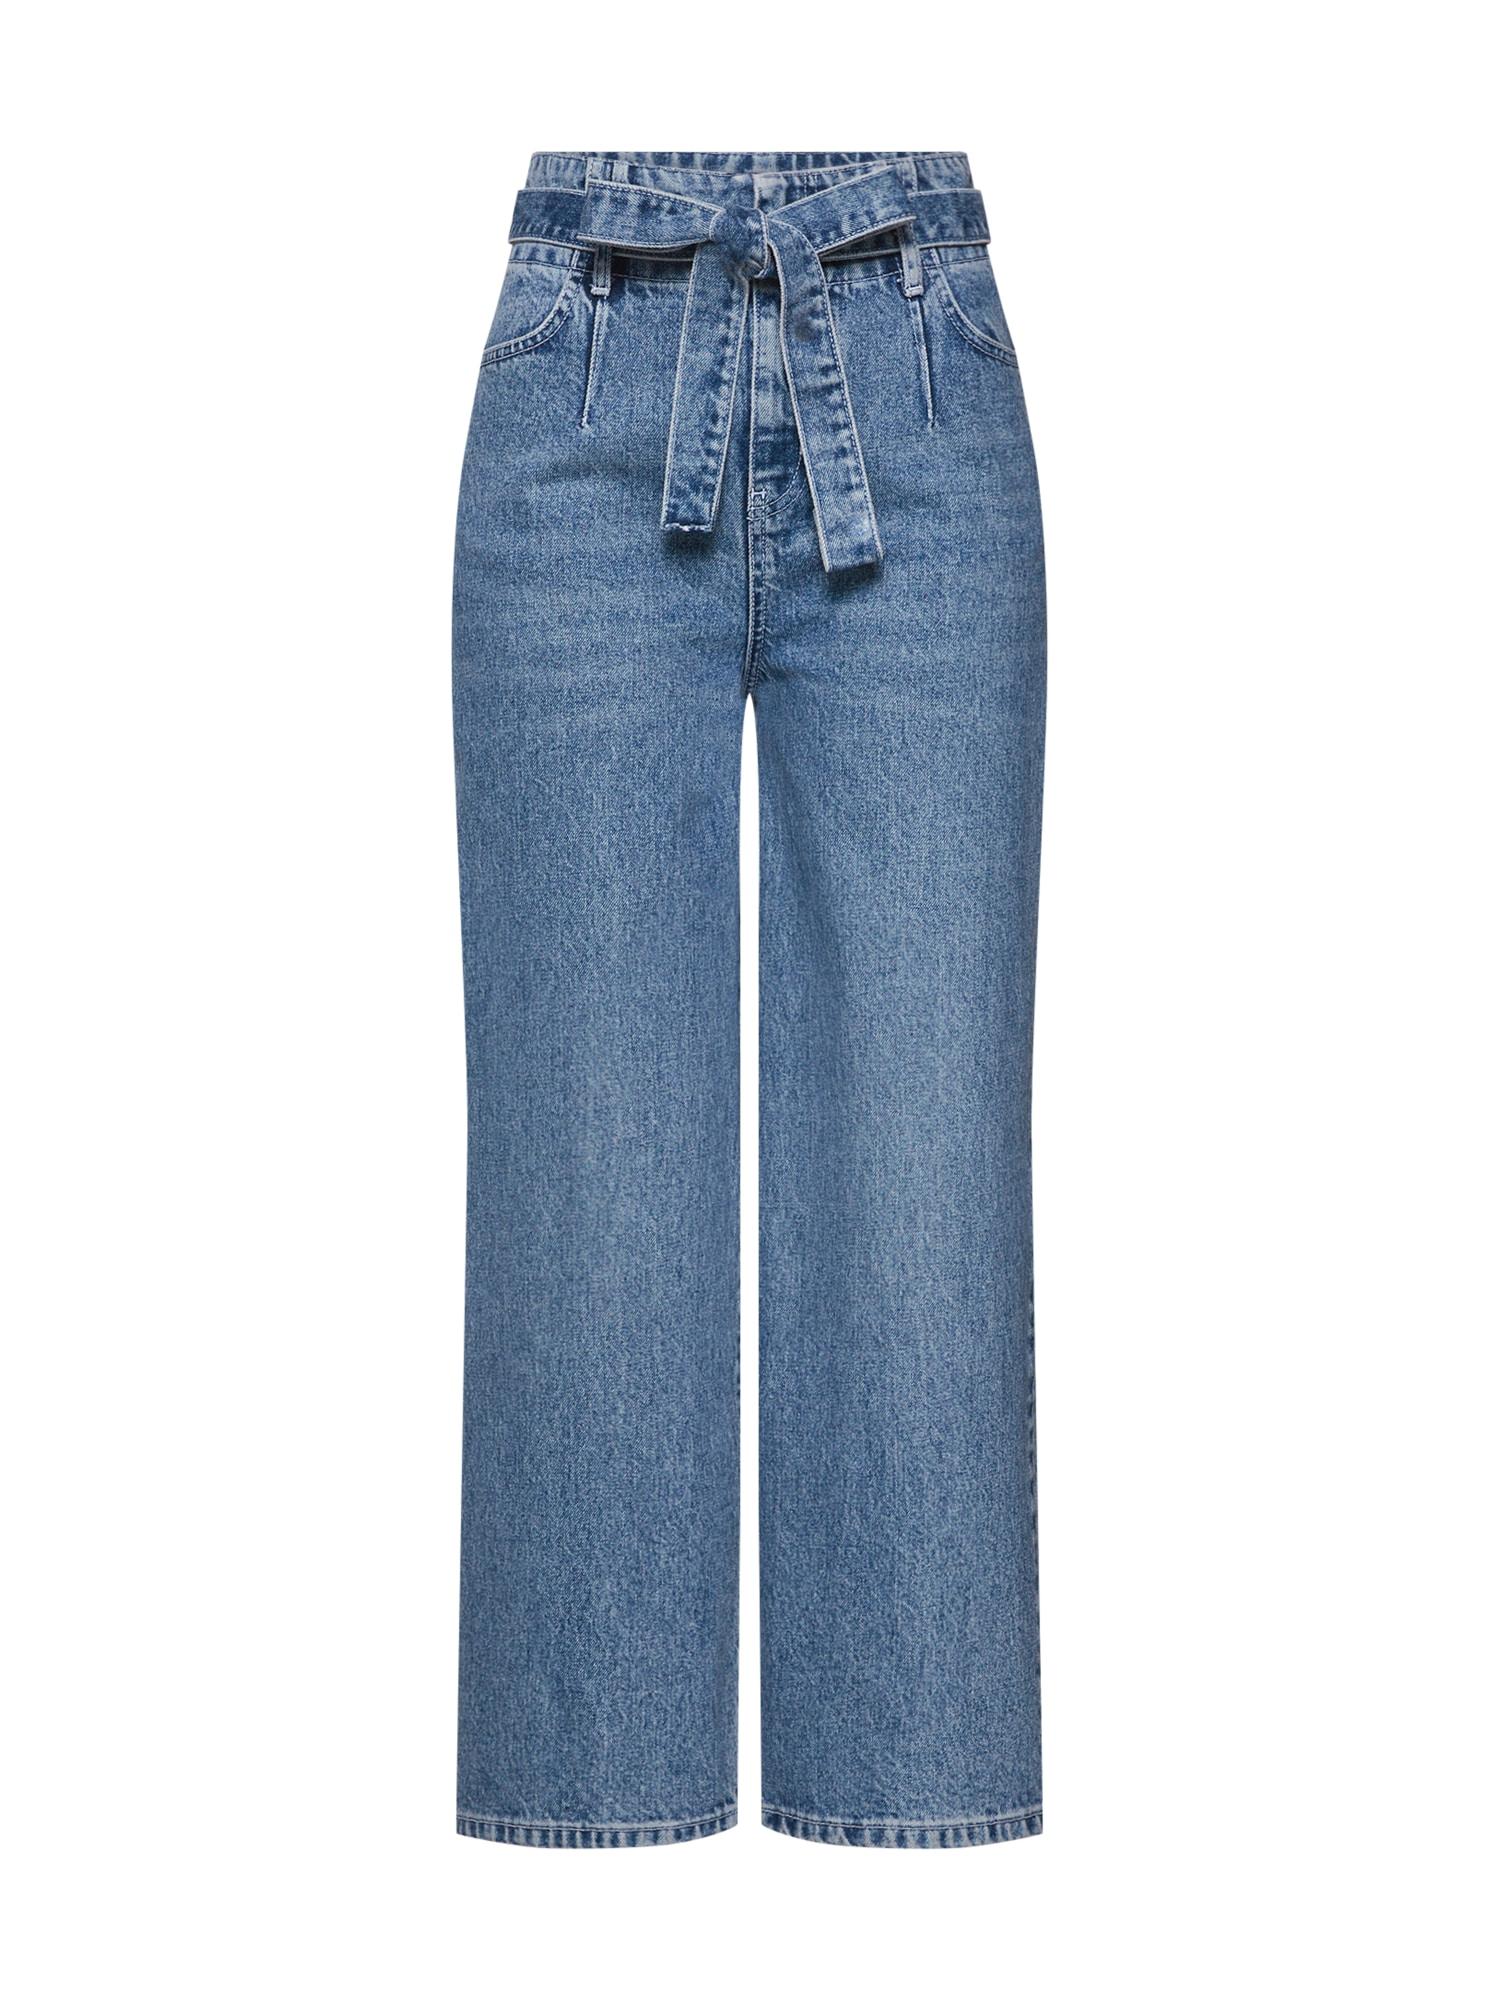 Džíny Madison Straight Leg Jeans modrá džínovina NORR